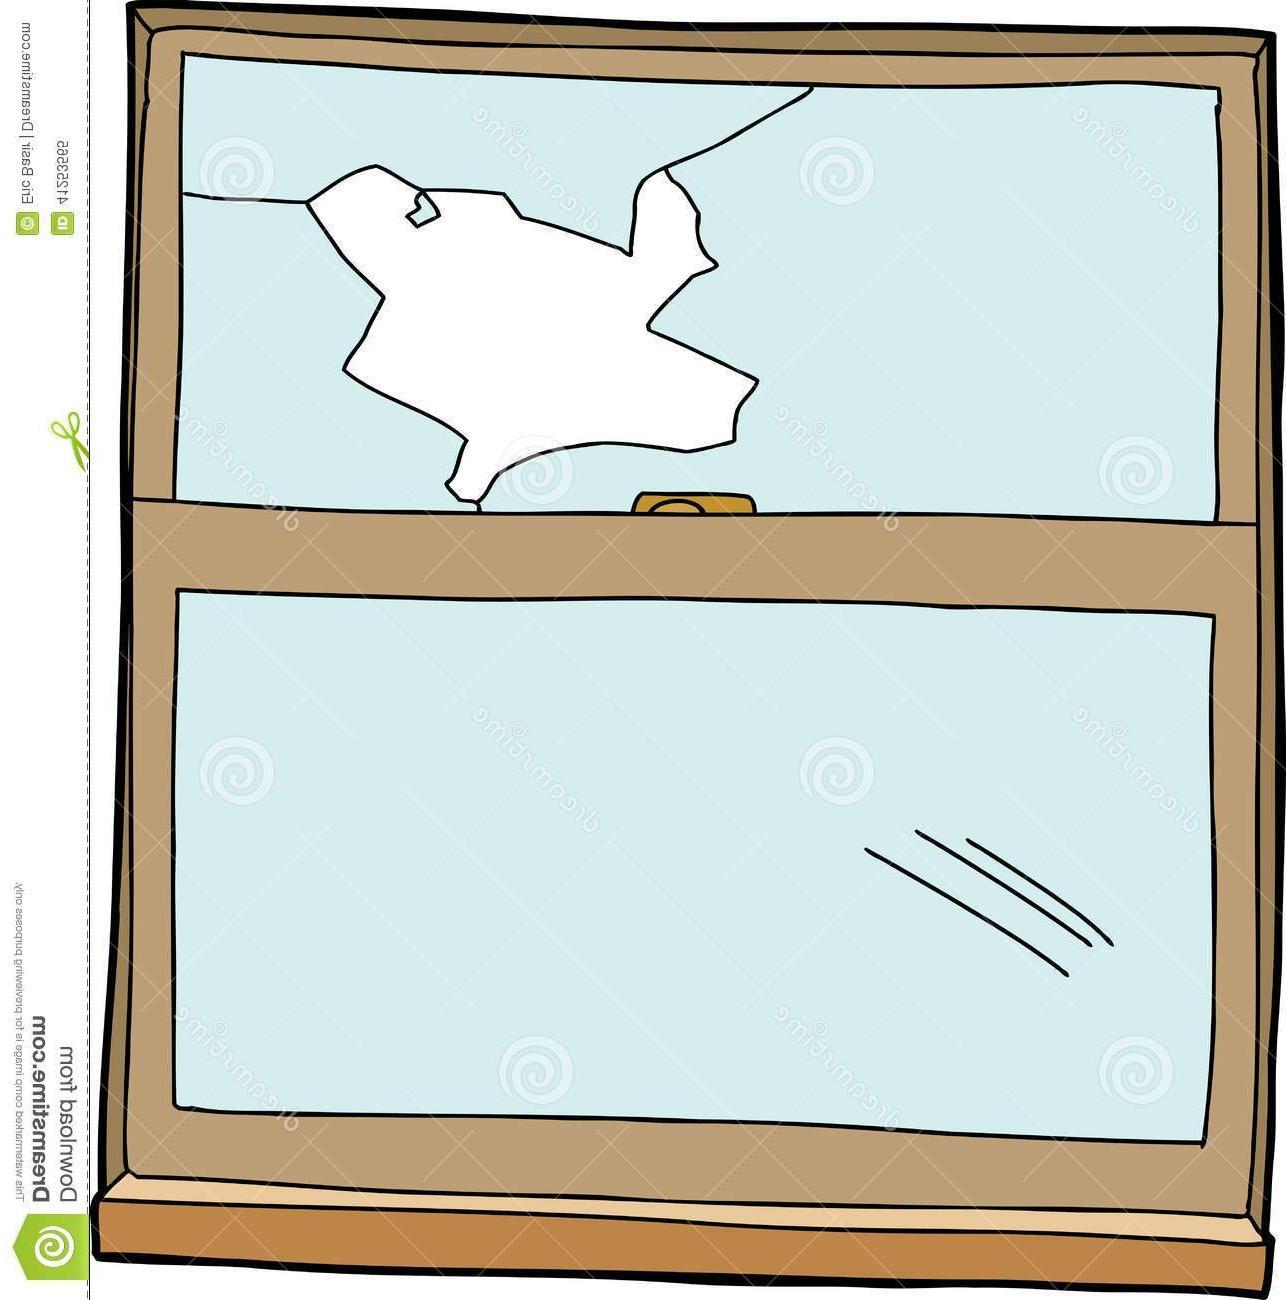 1286x1300 Broken Glass Window Clipart Amp Broken Glass Window Clip Art Images